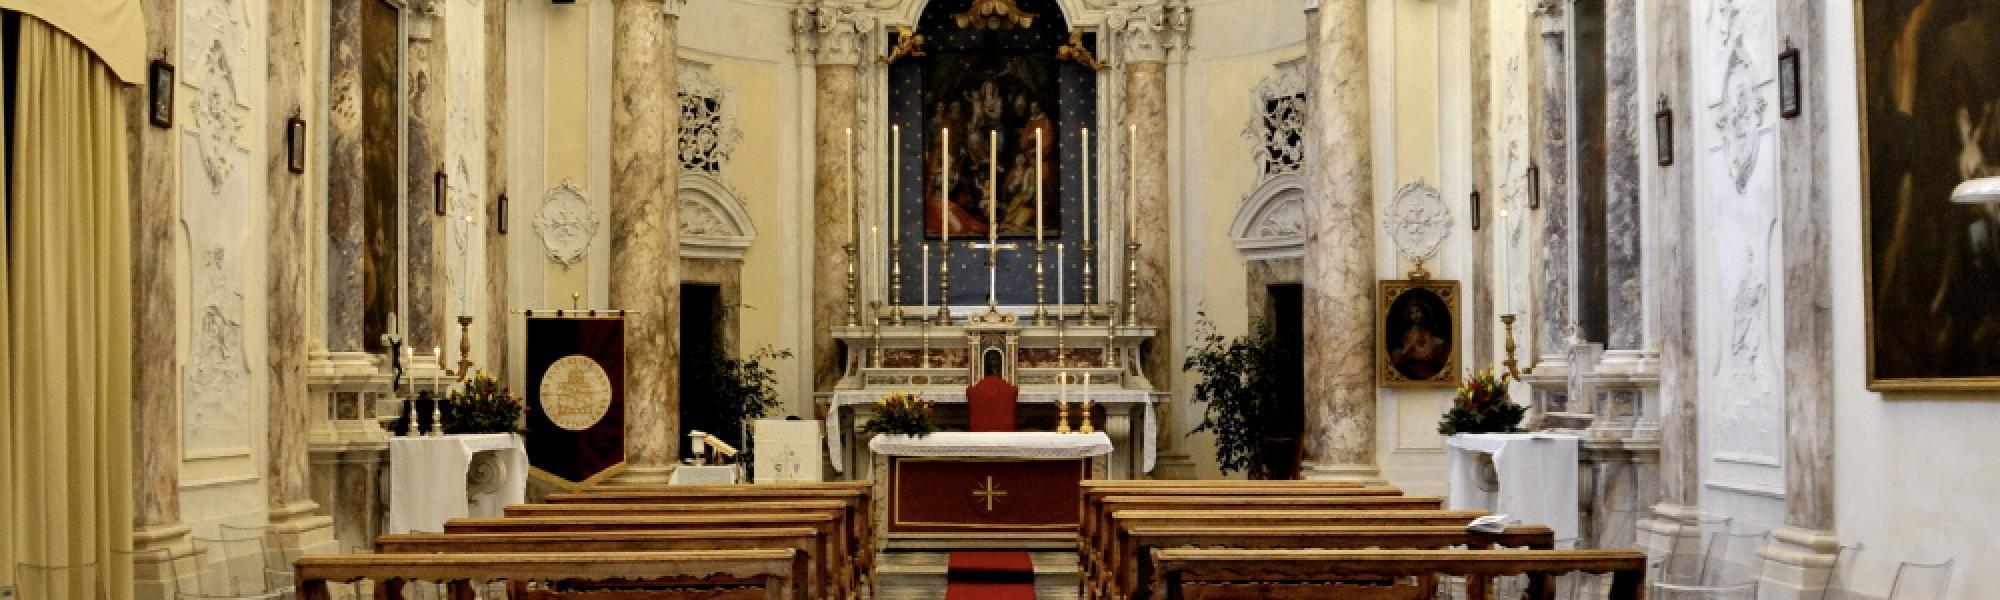 Interno - Chiesa di Sant'Anna (F.Delu, wikimediacommons)